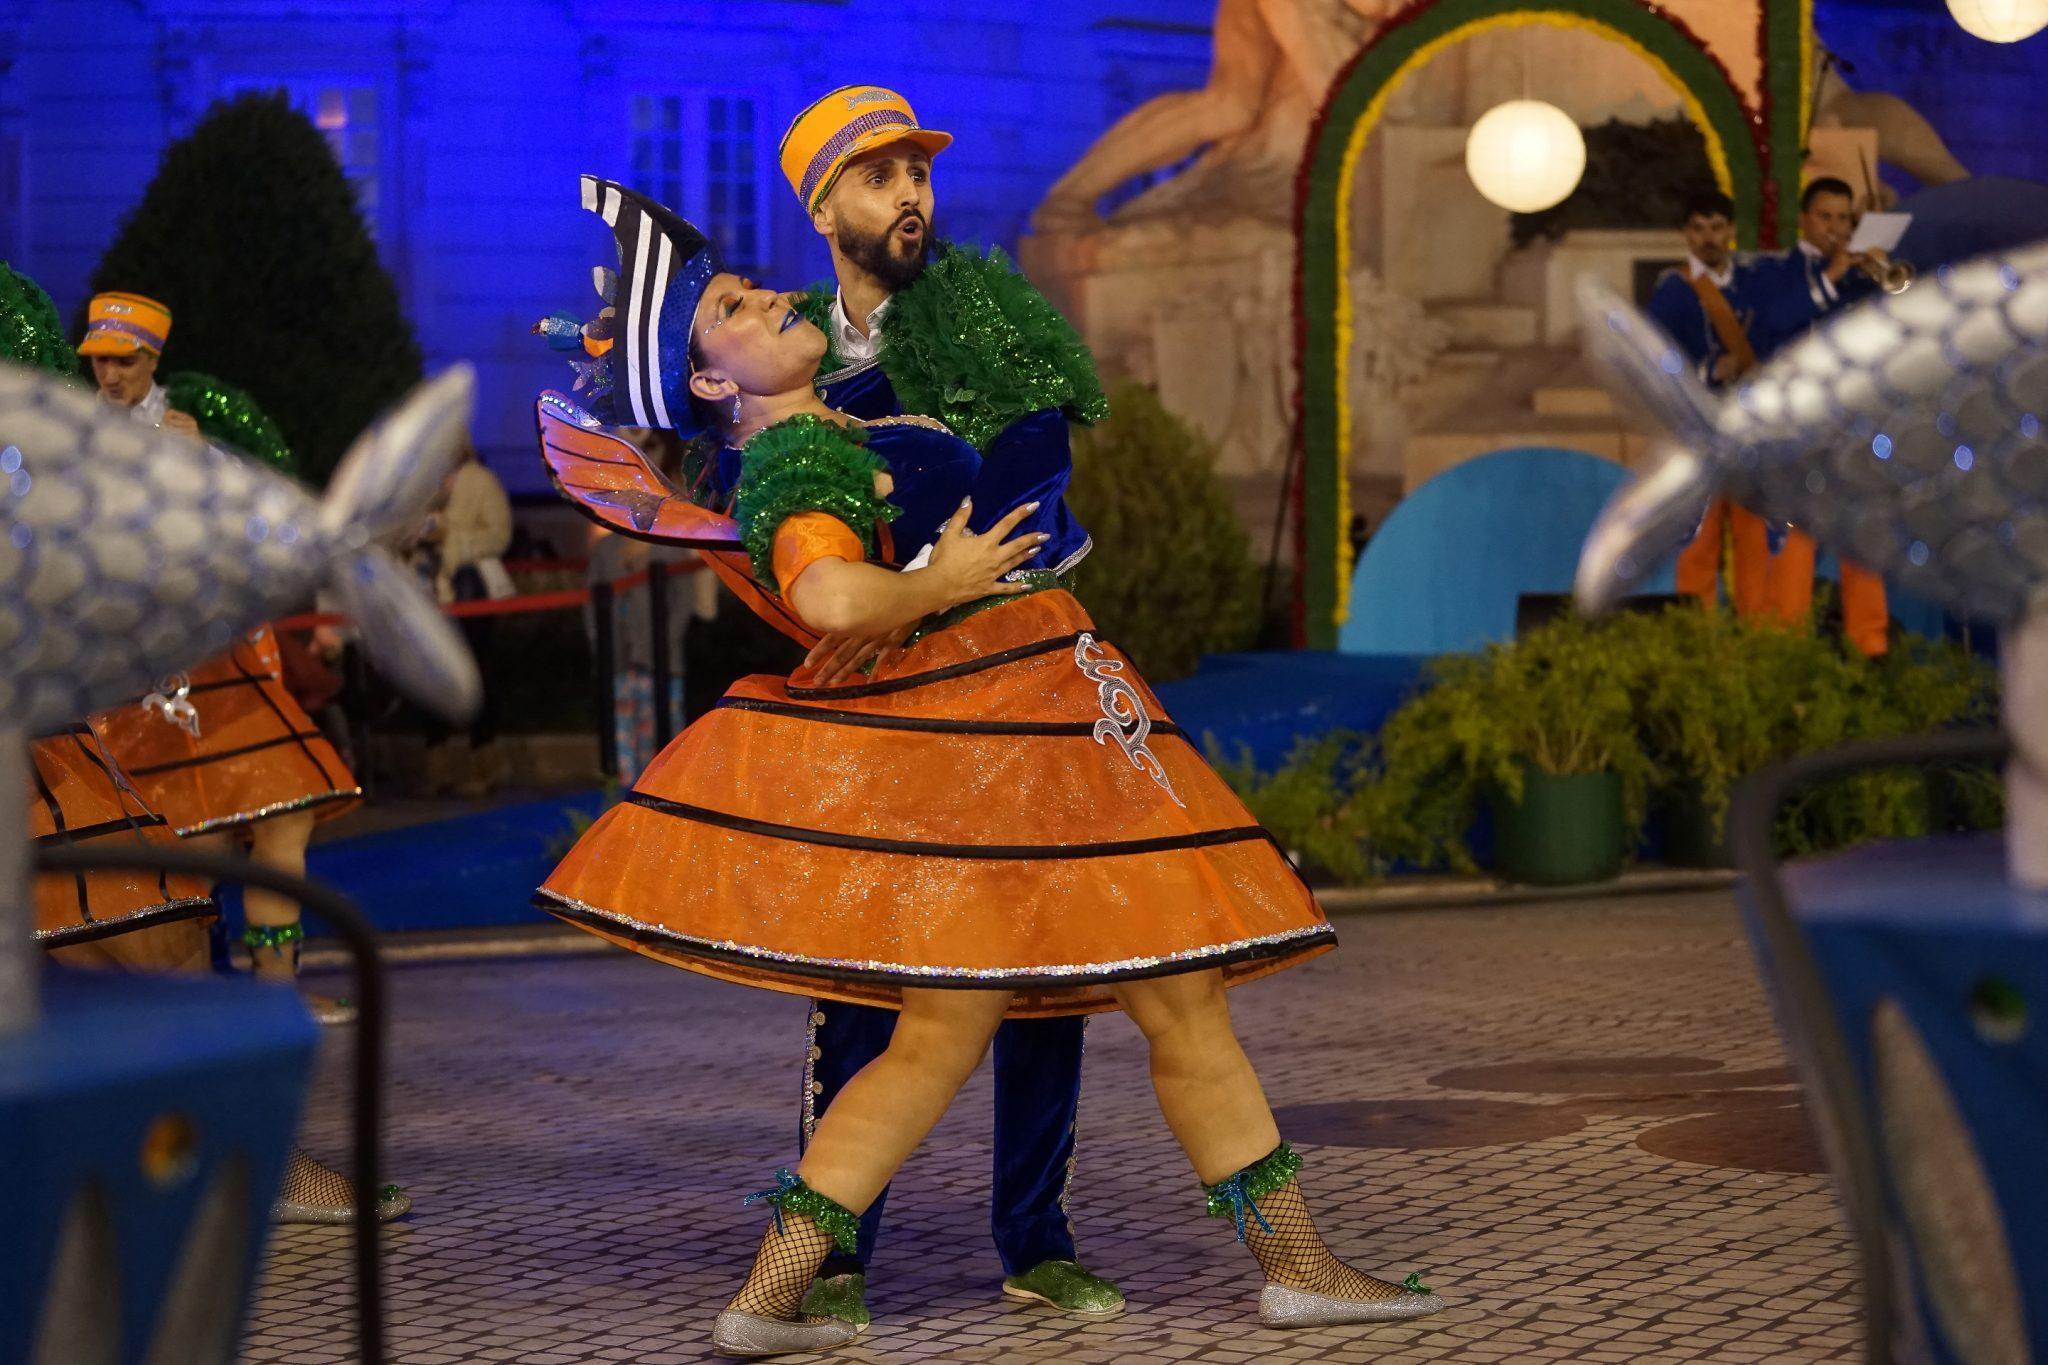 Um par de marchantes dança na Avenida da Liberdade. O homem segura a mulher nos seus braços enquanto a inclina. Ela enverga uma saia laranja e ele tem um chapéu da mesma cor.